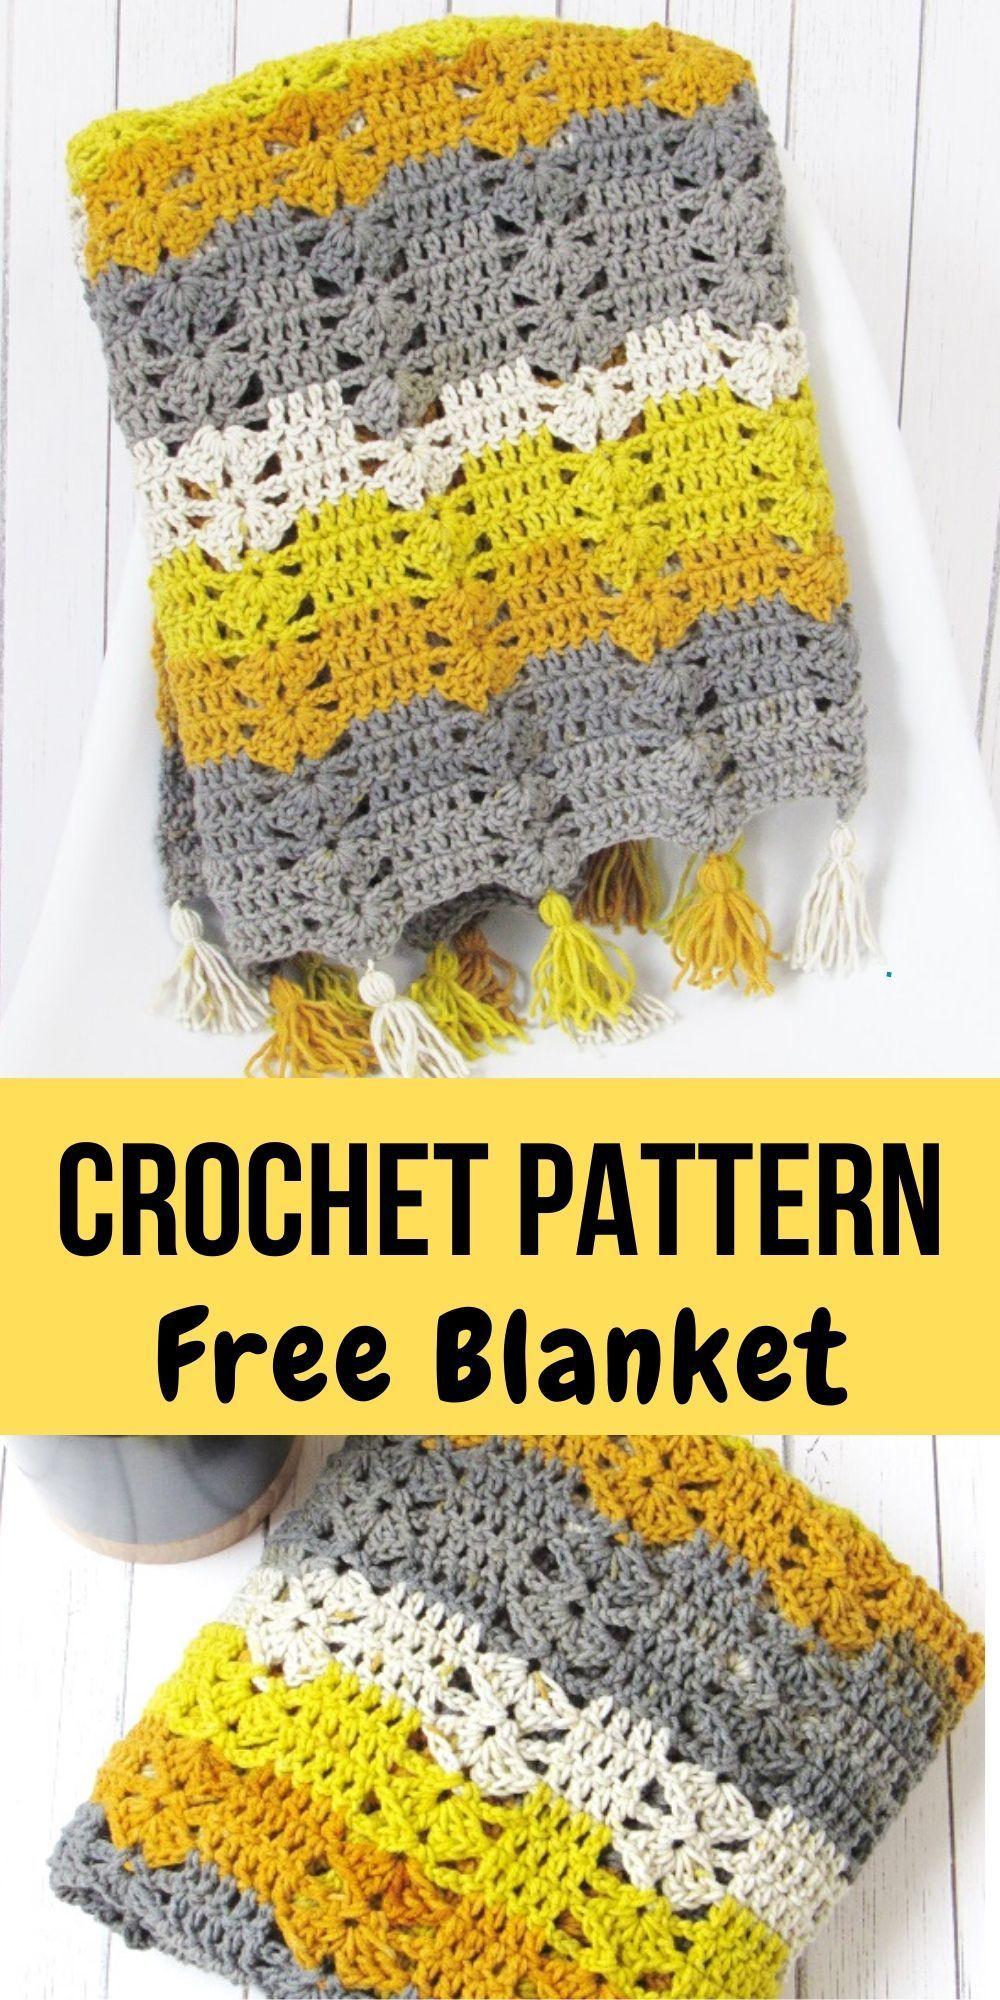 Free Crochet Afghan Pattern, Fireplace Afghan - Crochet Dreamz